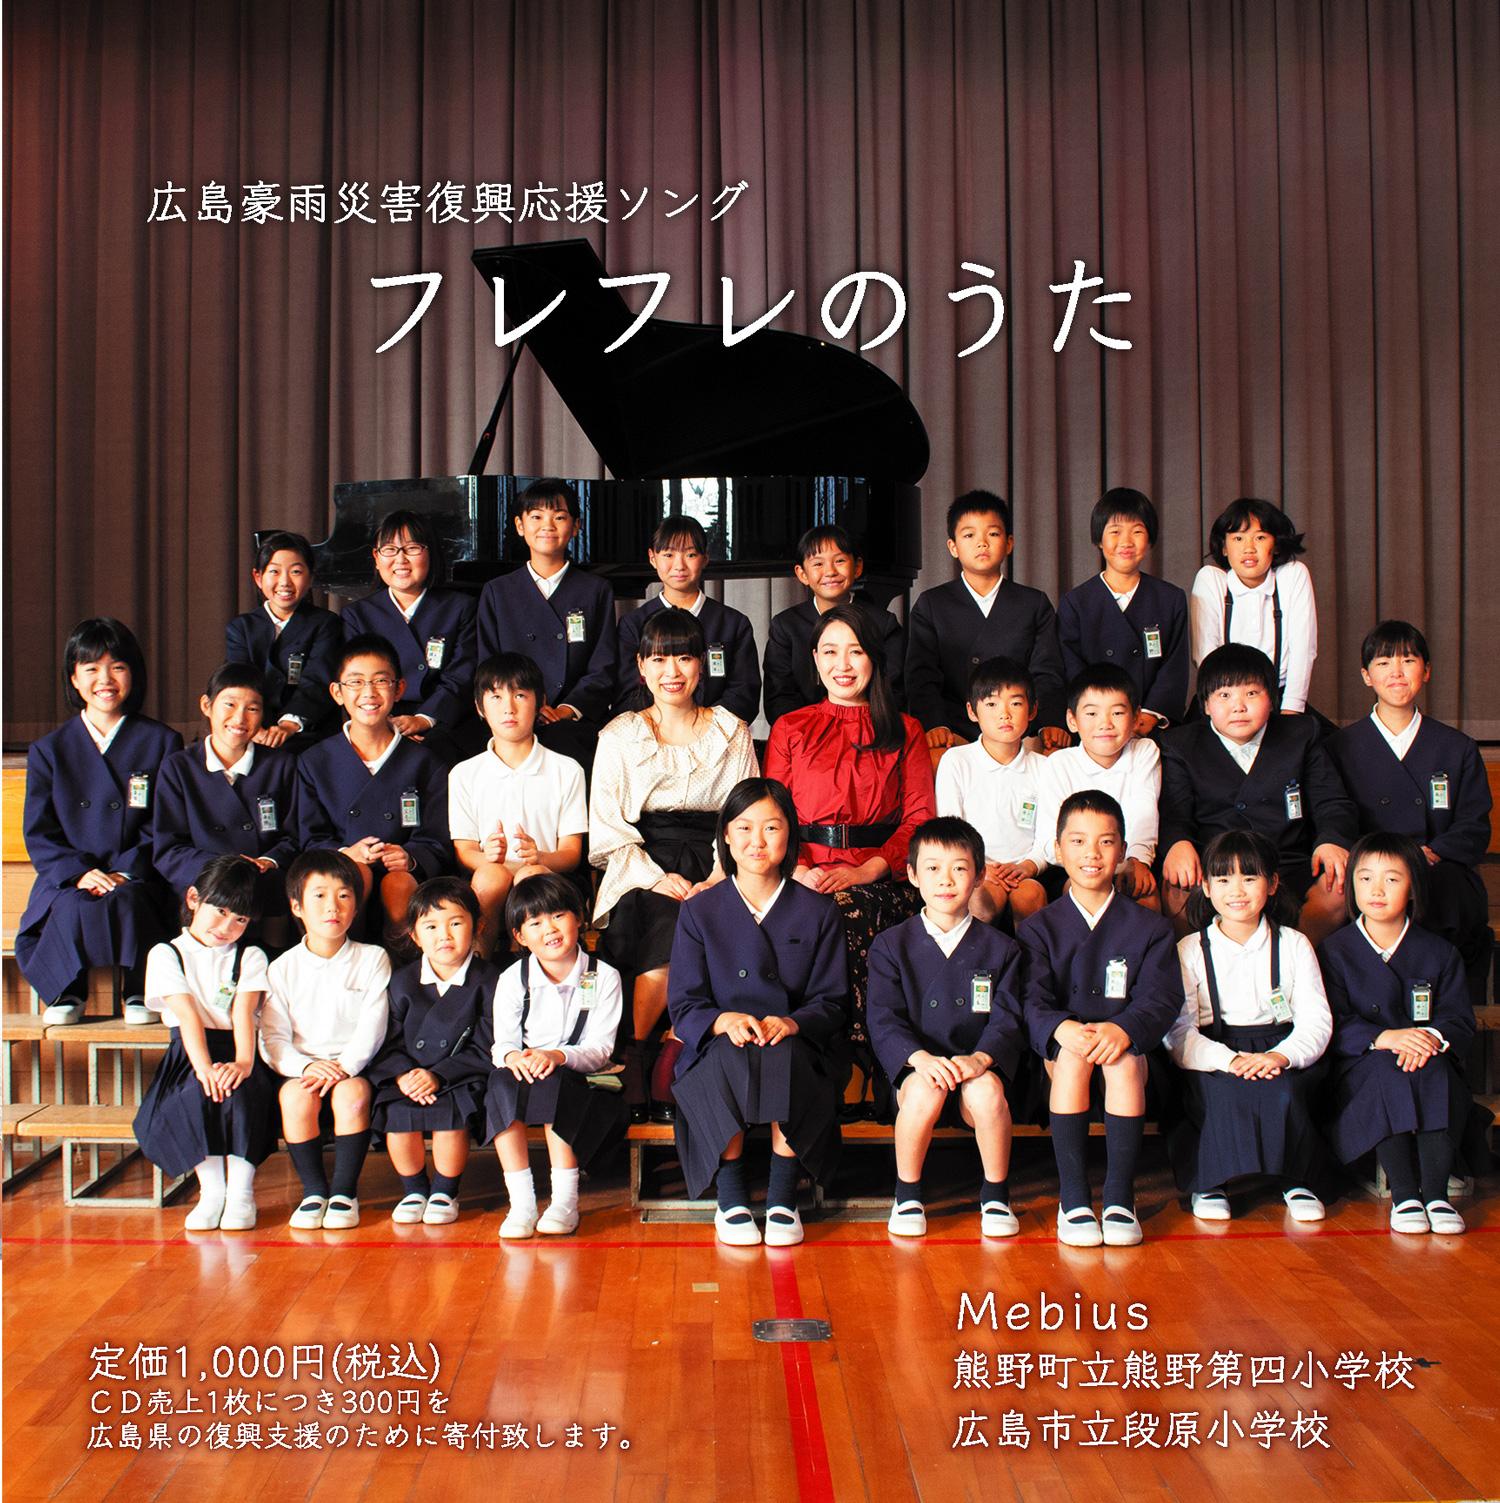 広島豪雨災害の復興ソング「フレフレのうた」